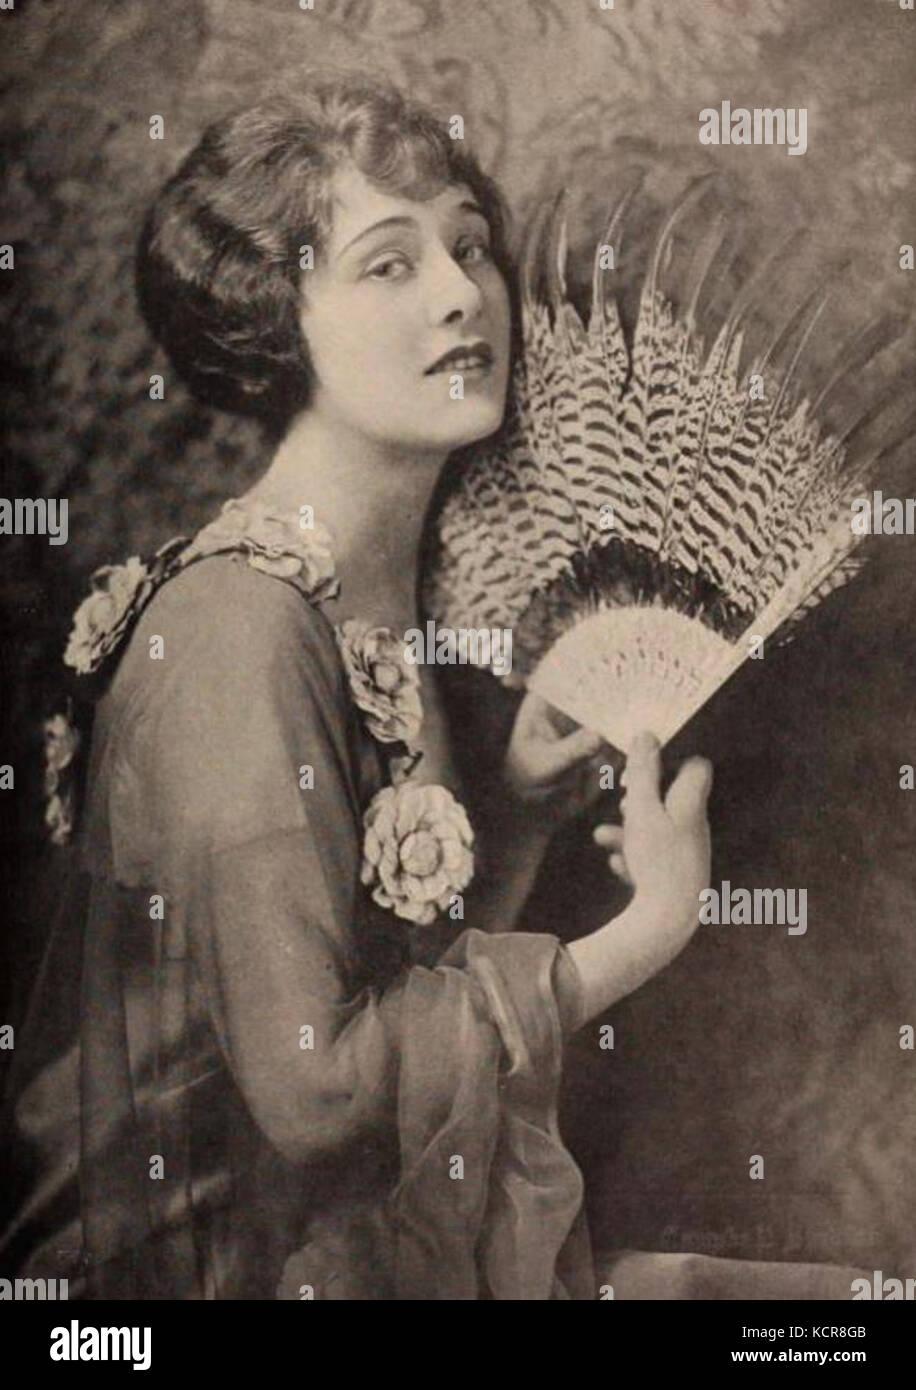 David Alpay,Linda Estrella (1926?012) Erotic pics & movies Camryn Grimes,Kate Harrington